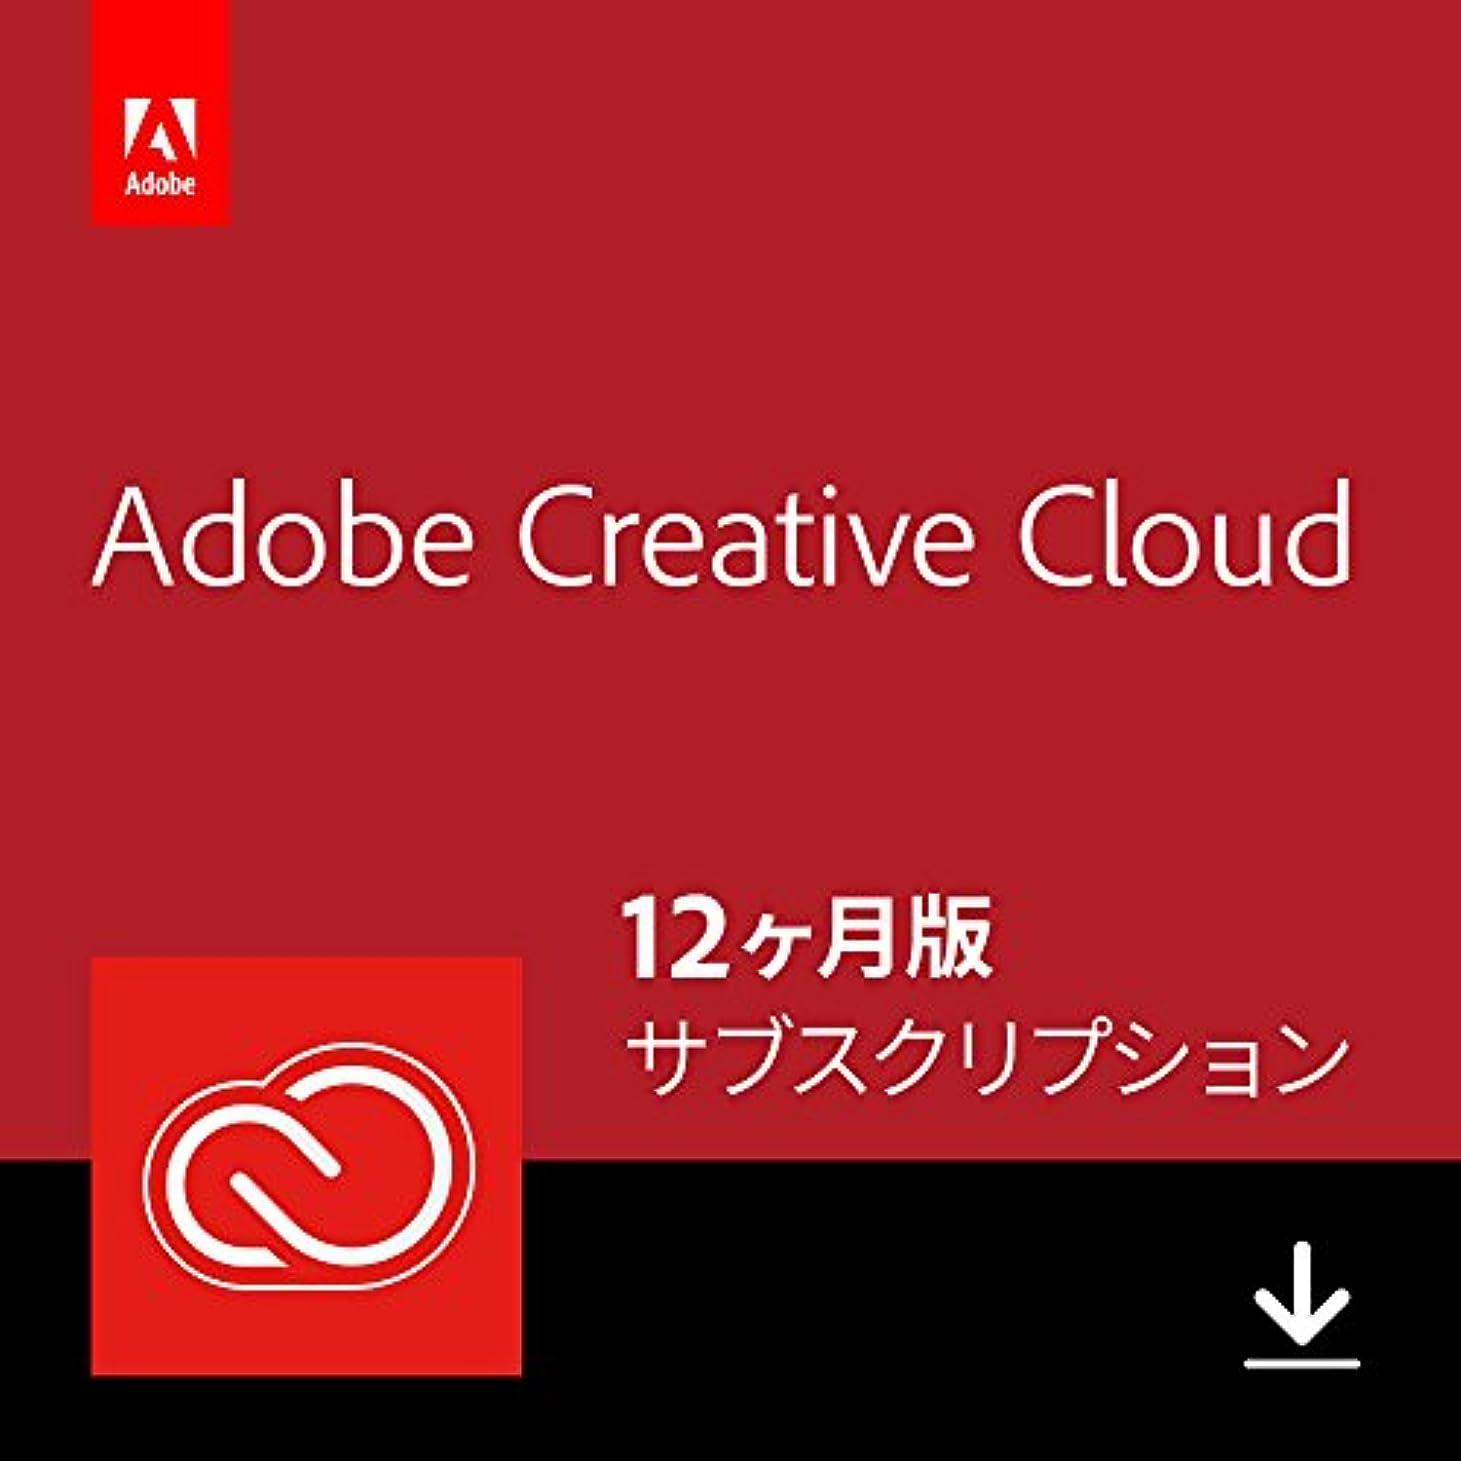 デモンストレーションインカ帝国アリスAdobe Creative Cloud コンプリート|12か月版|オンラインコード版